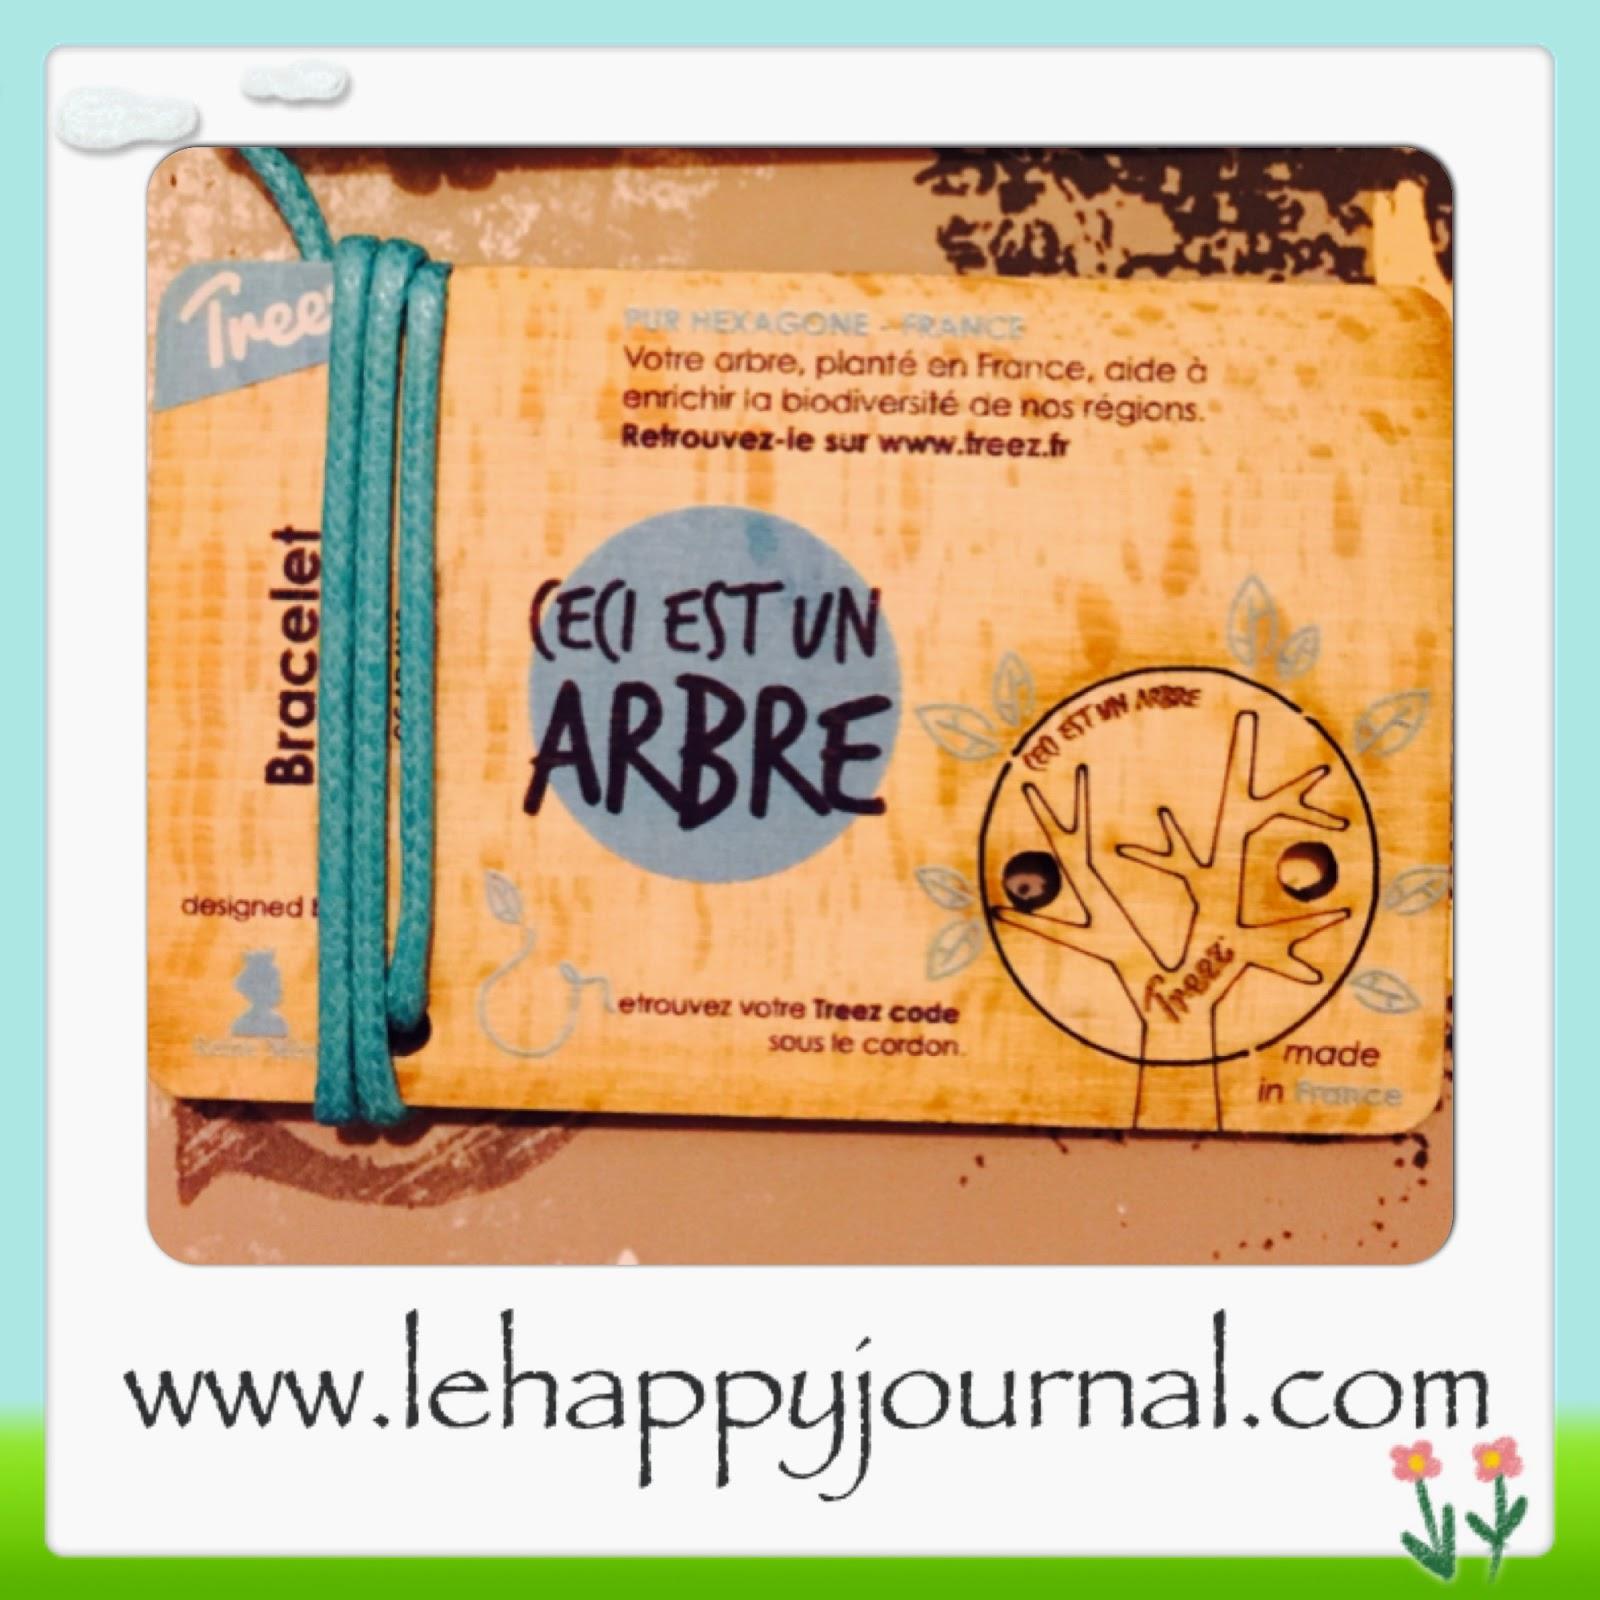 Treez, arbre, reforestation, partenaire, happy journal, eco responsable